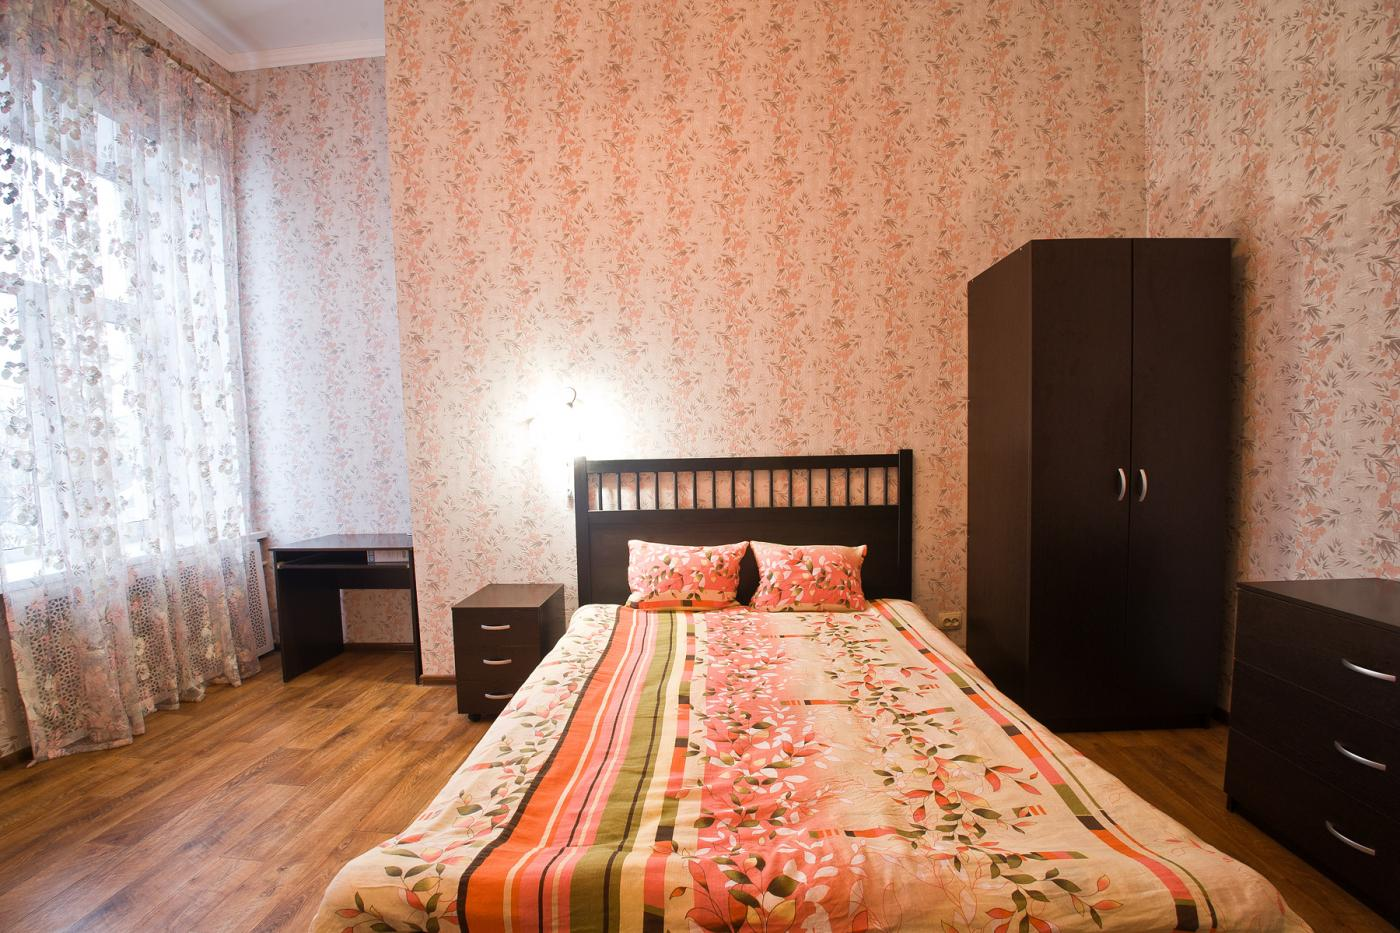 3-комнатная квартира посуточно (вариант № 1194), ул. Дзержинского улица, фото № 3